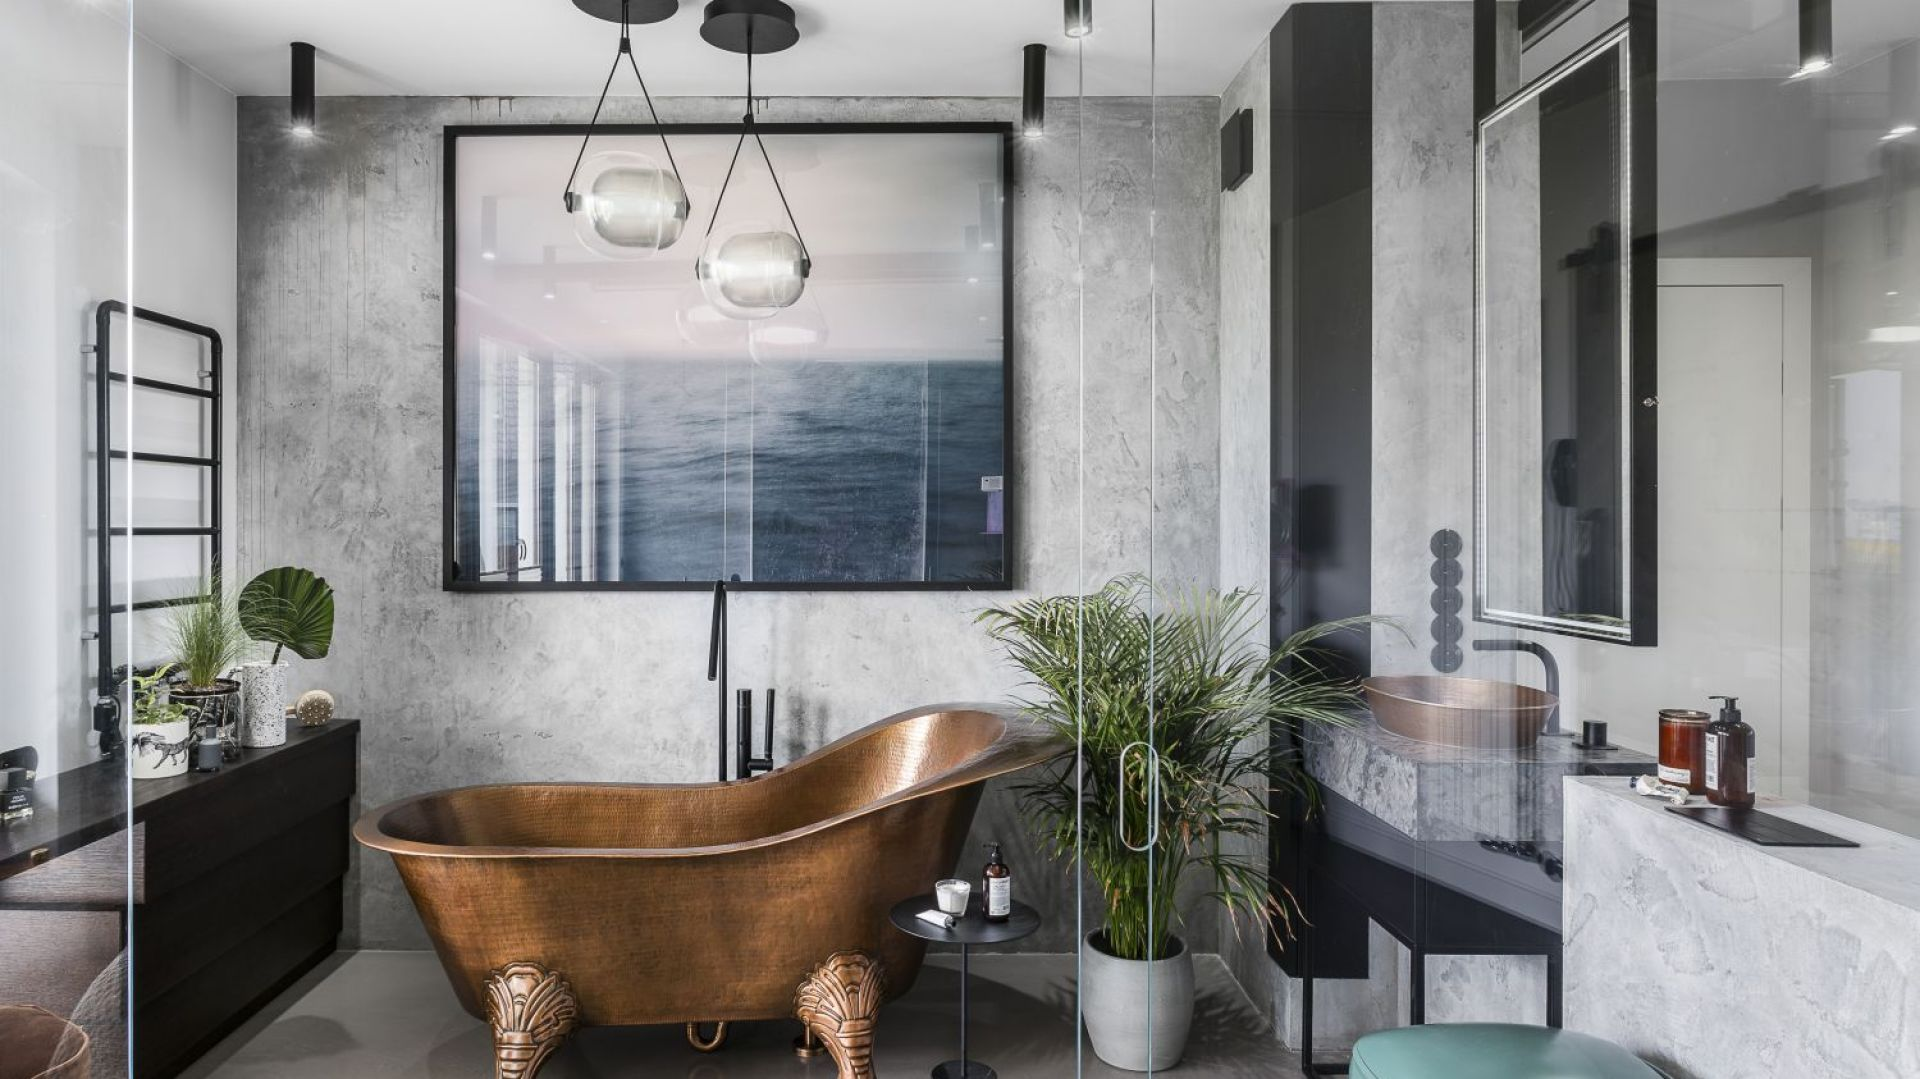 Ściany w łazience: propozycja numer 1. Magdalena Bielicka, Maria Zrzelska-Pawlak, Pracownia Magma. Fot. Fotomohito